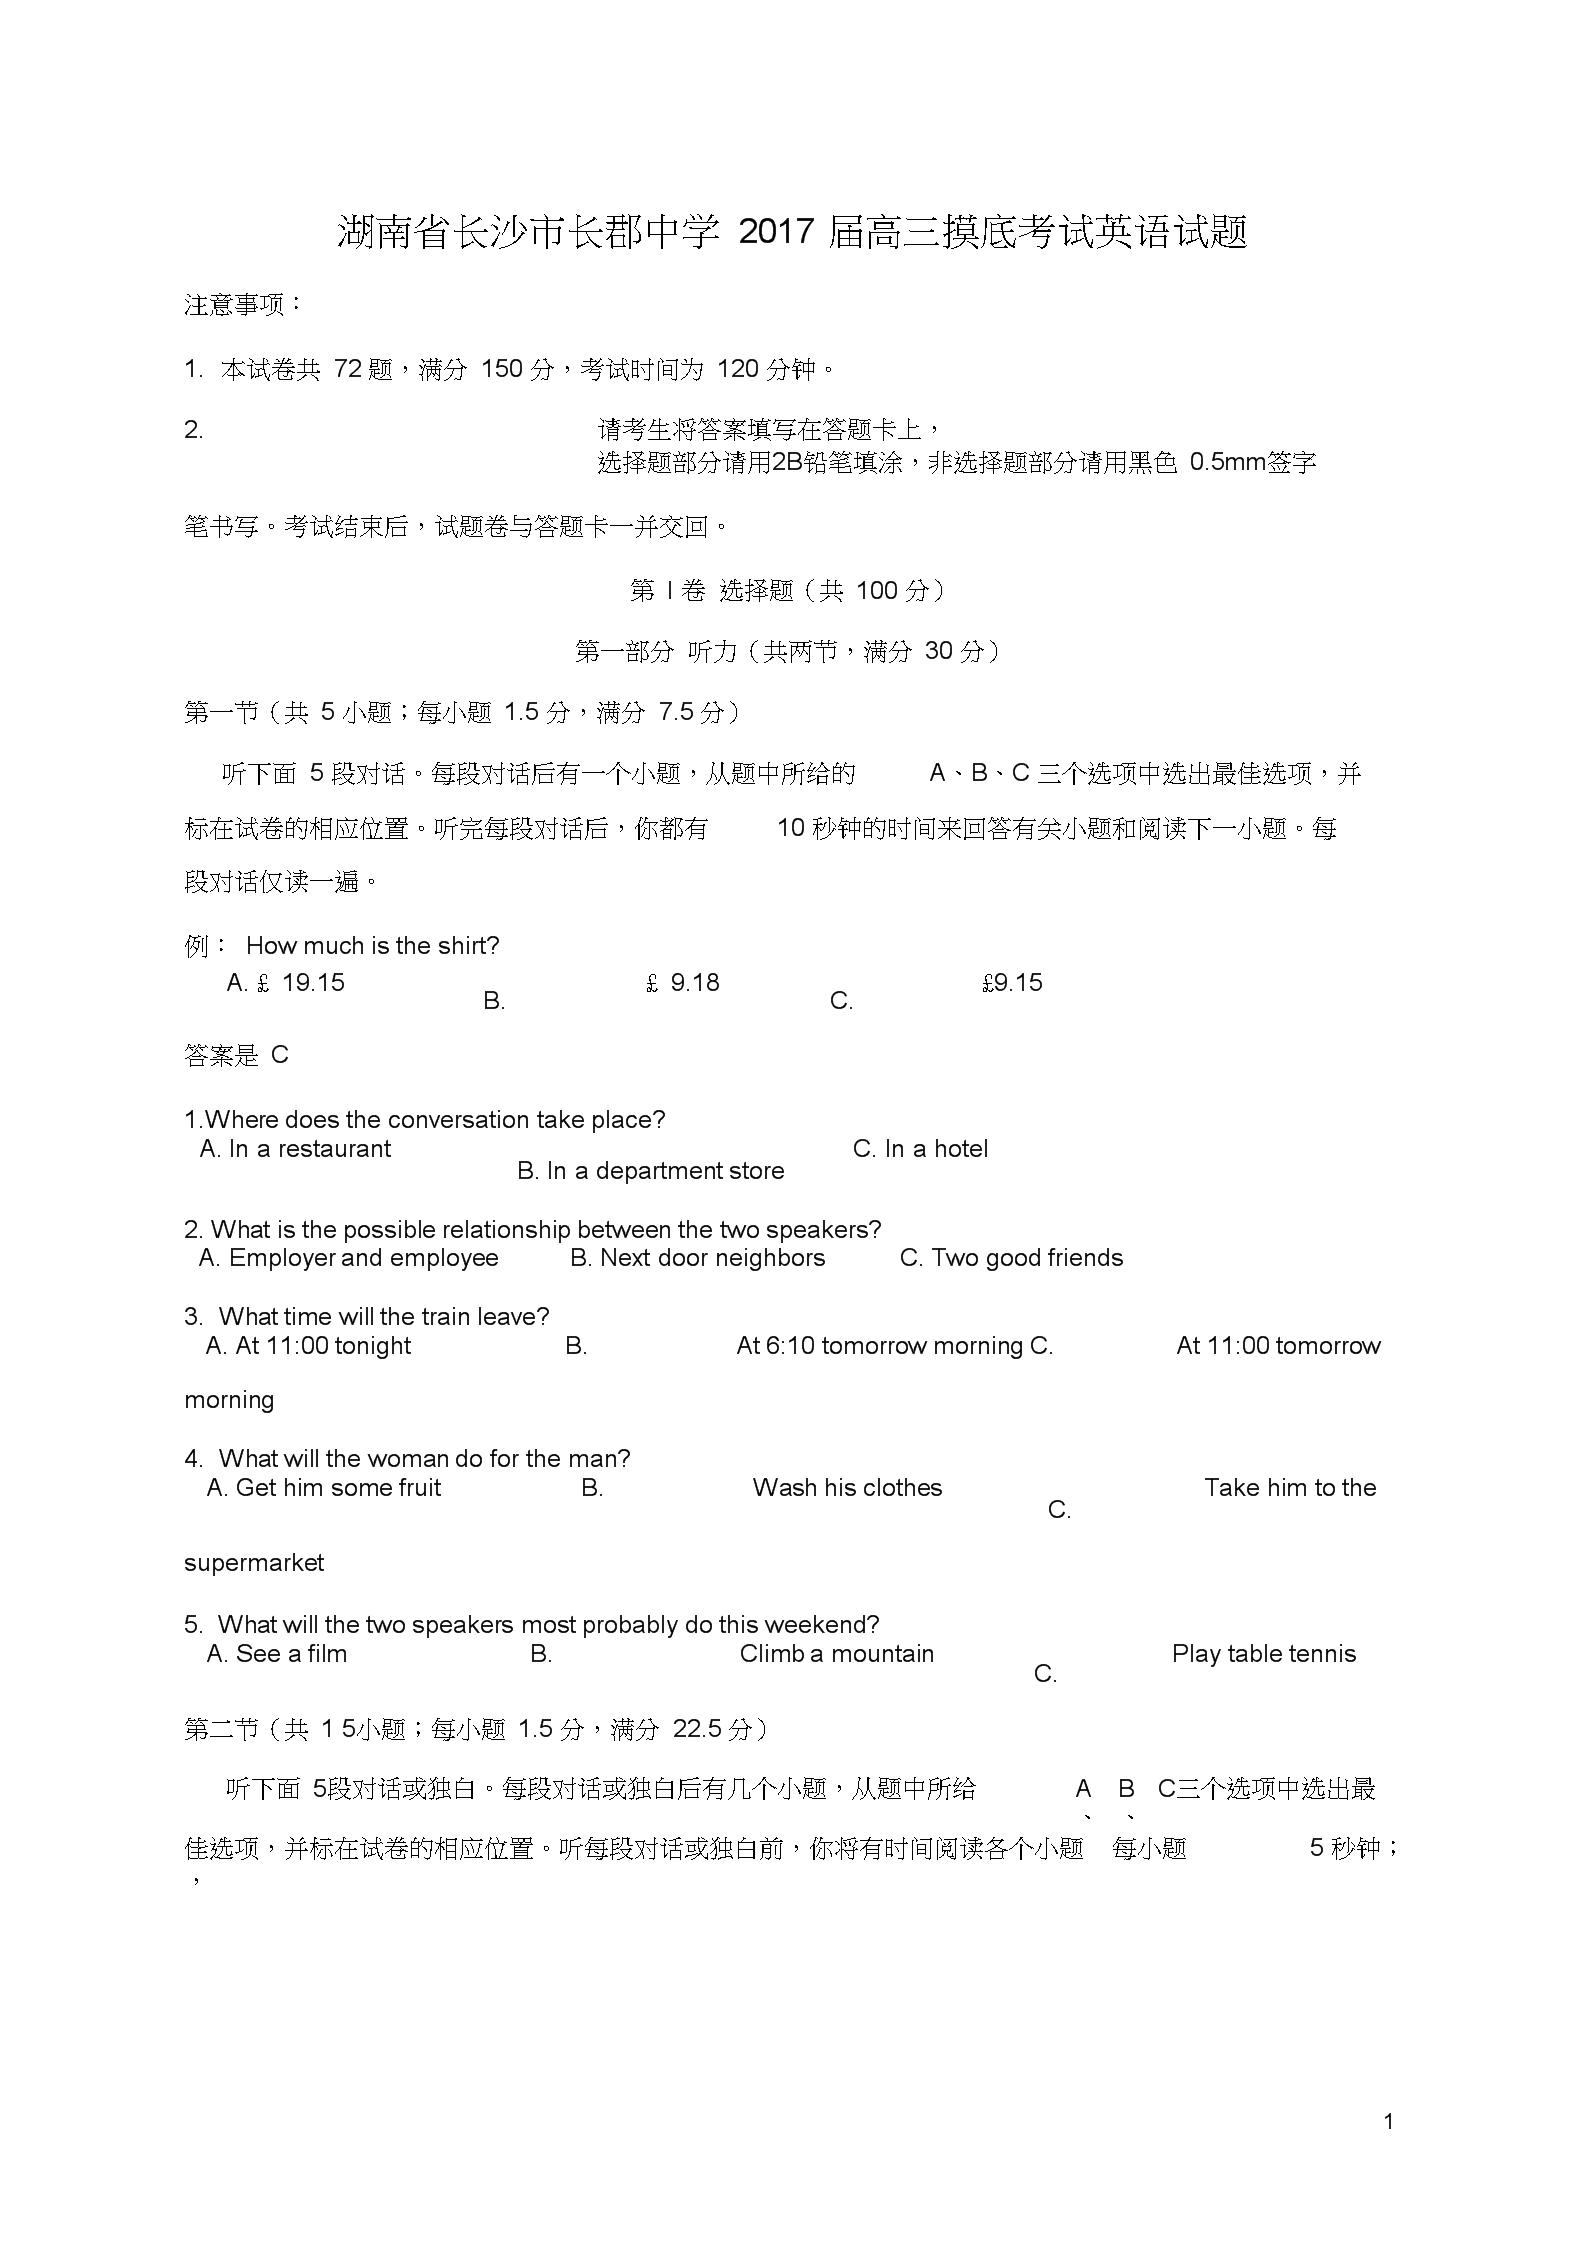 高三英语摸底考试试题.docx